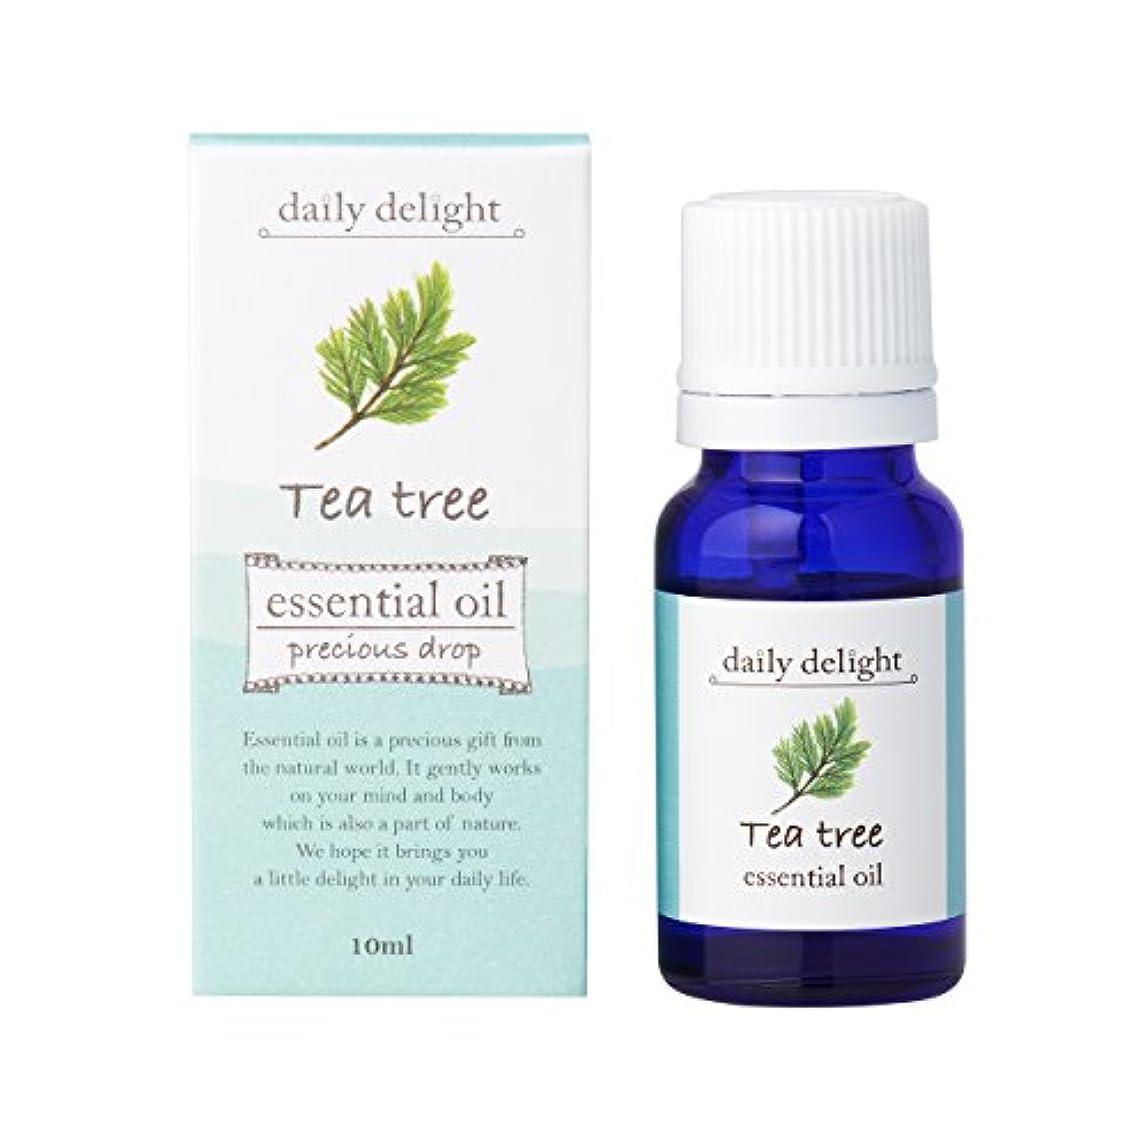 亡命一流禁止するデイリーディライト エッセンシャルオイル  ティートゥリー 10ml(天然100% 精油 アロマ 樹木系 フレッシュですっきりとした香り)